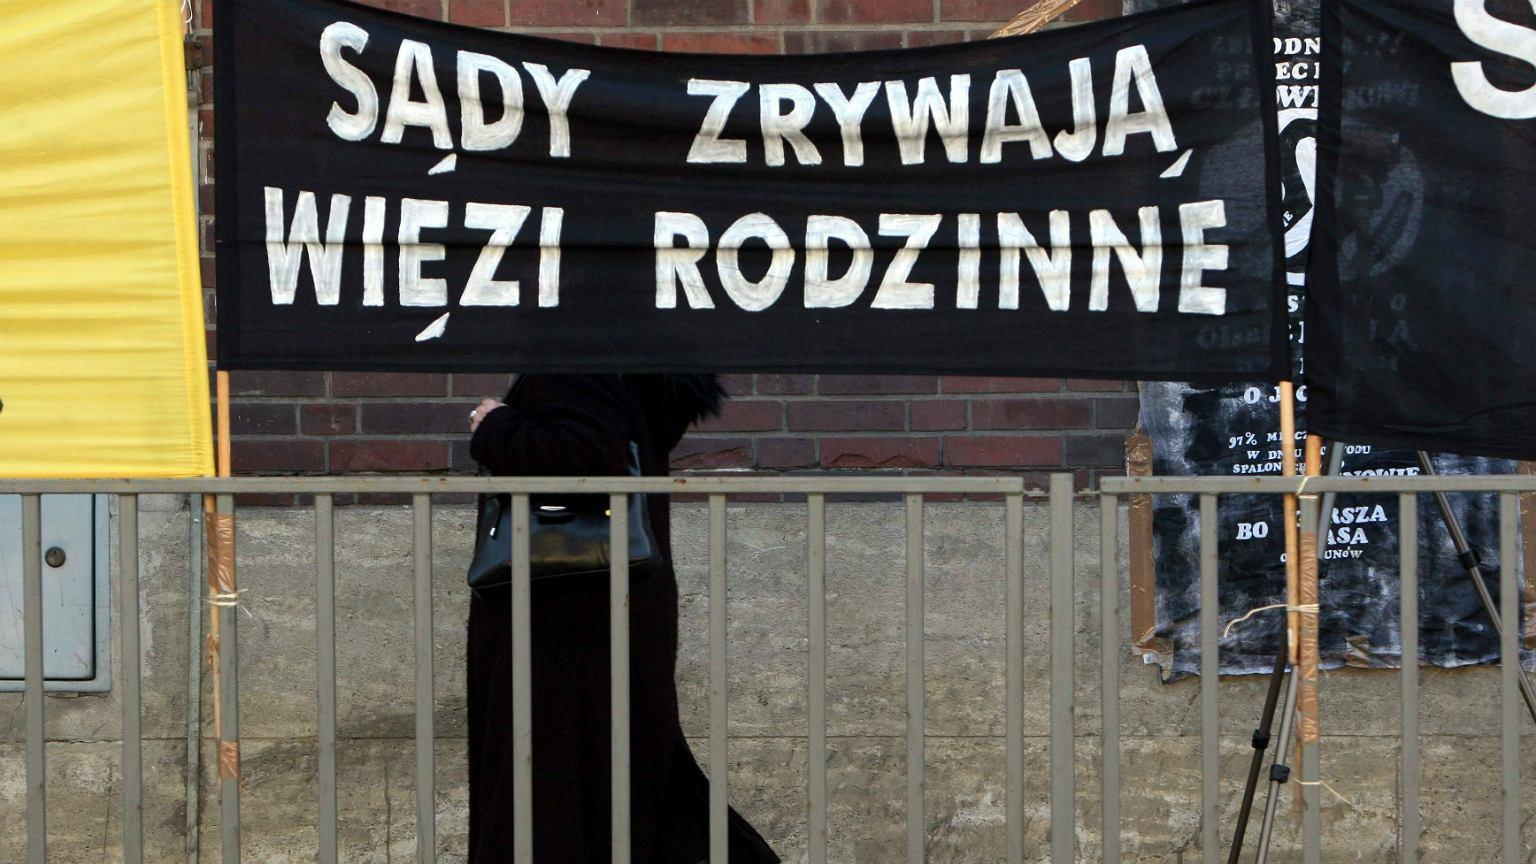 Joanna Daczyńska, adwokat mężczyzn, przekonuje, że sądy rodzinne w Polsce w dalszym ciągu dyskryminują mężczyzn (fot: Maciej Świerczyński/ Agencja Gazeta)